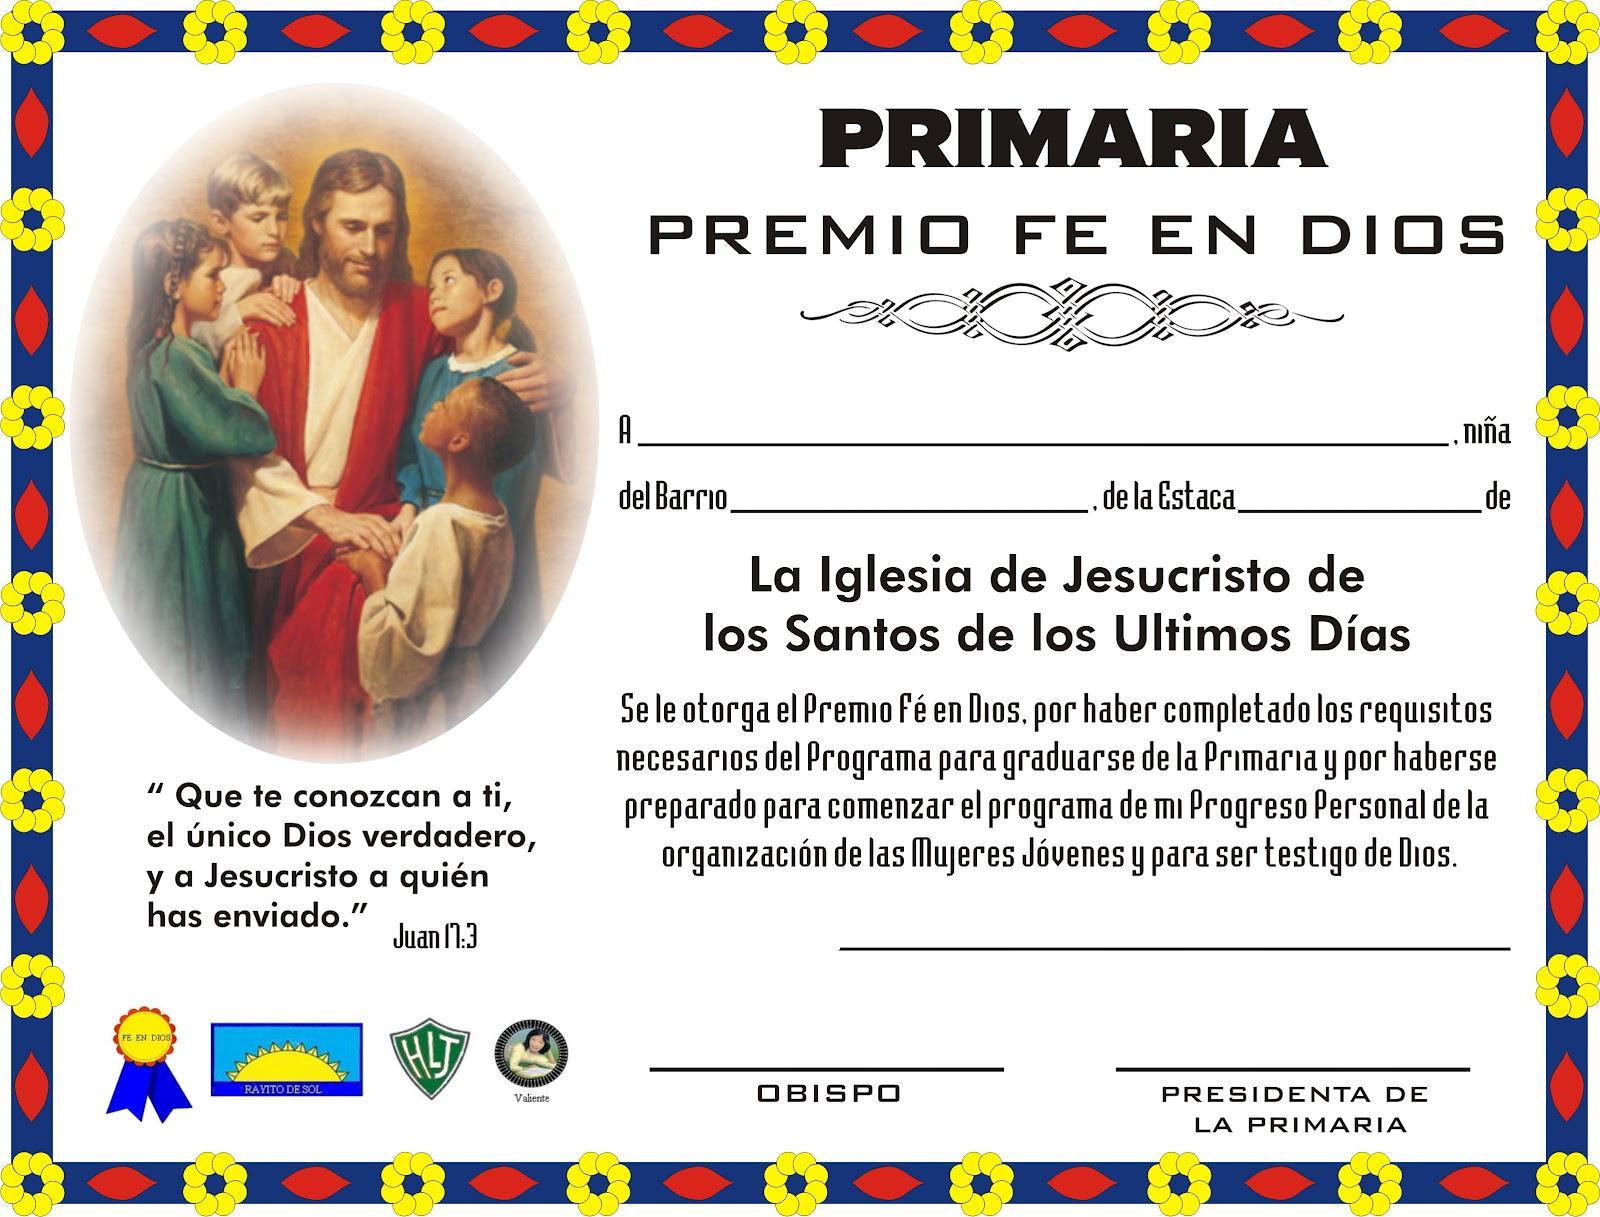 Premio+Fe+en+Dios+Ni+%C2%A6as.jpg